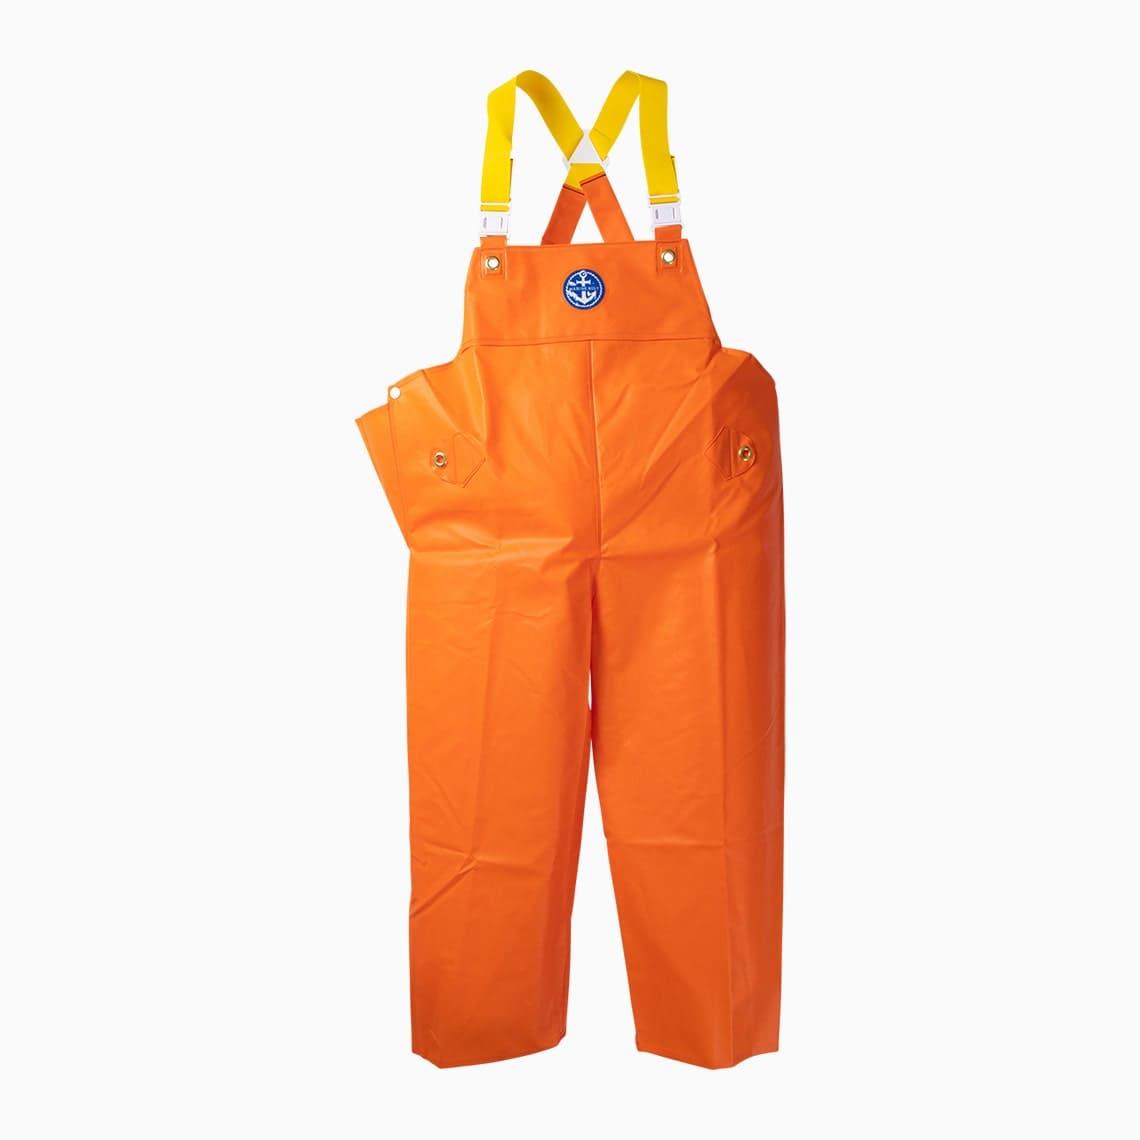 マリンレリー胸付ズボンレスキューオレンジ